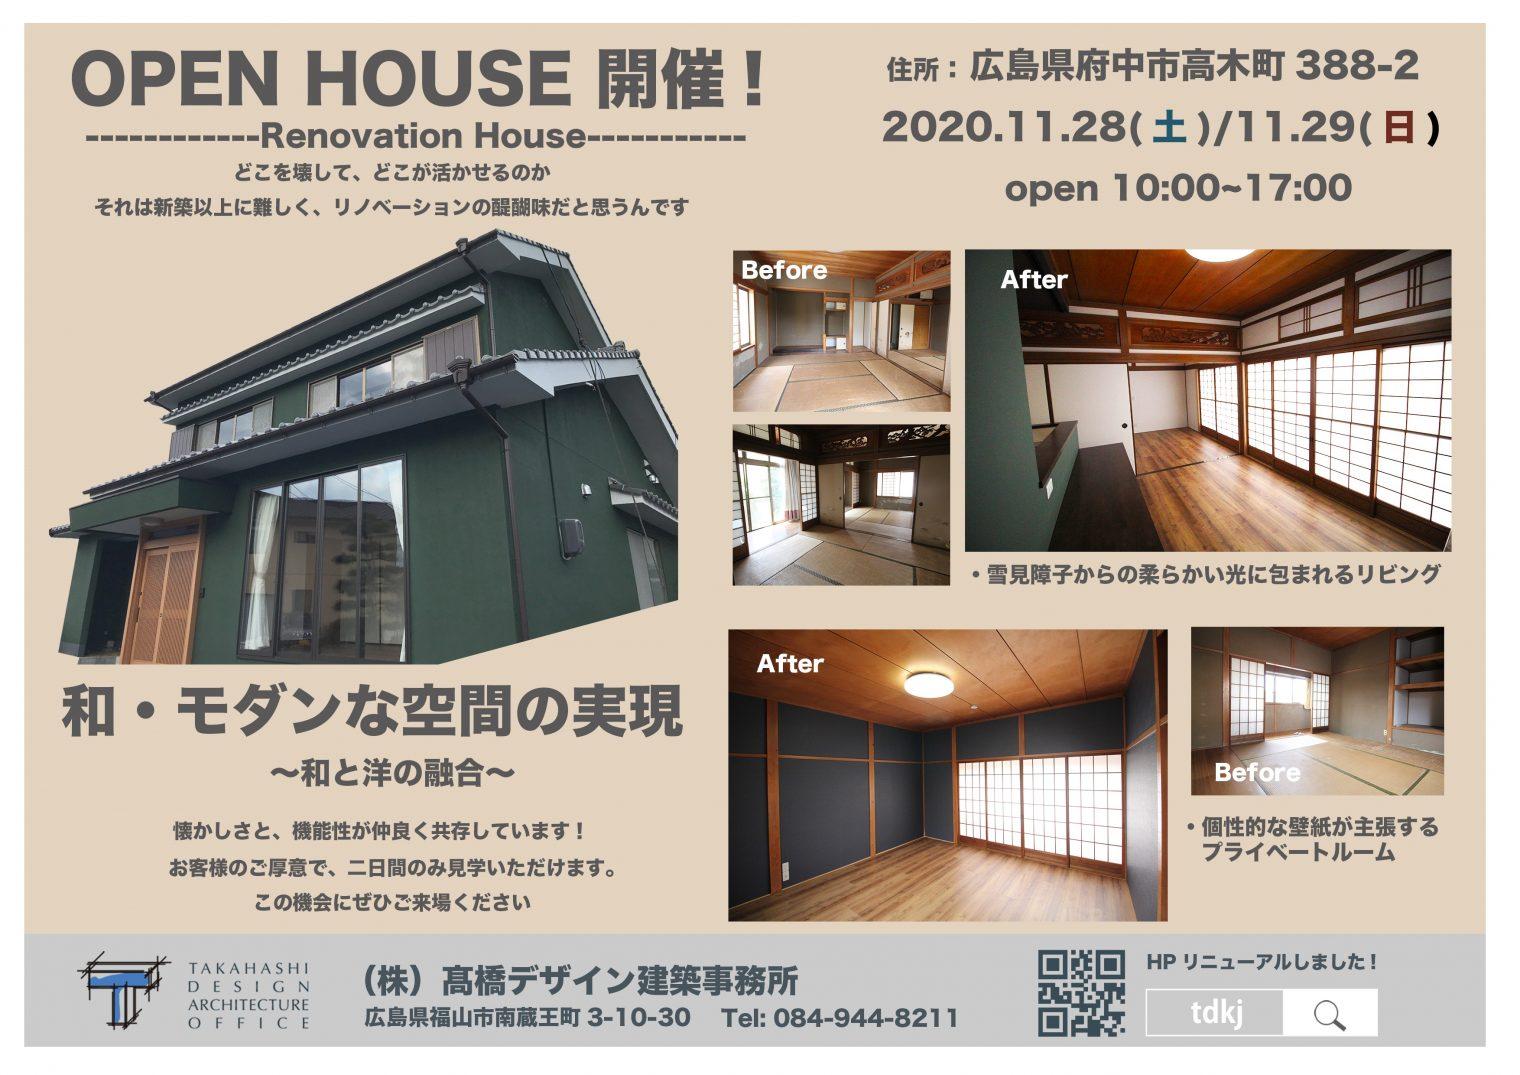 府中市リノベーション物件オープンハウス開催します!!